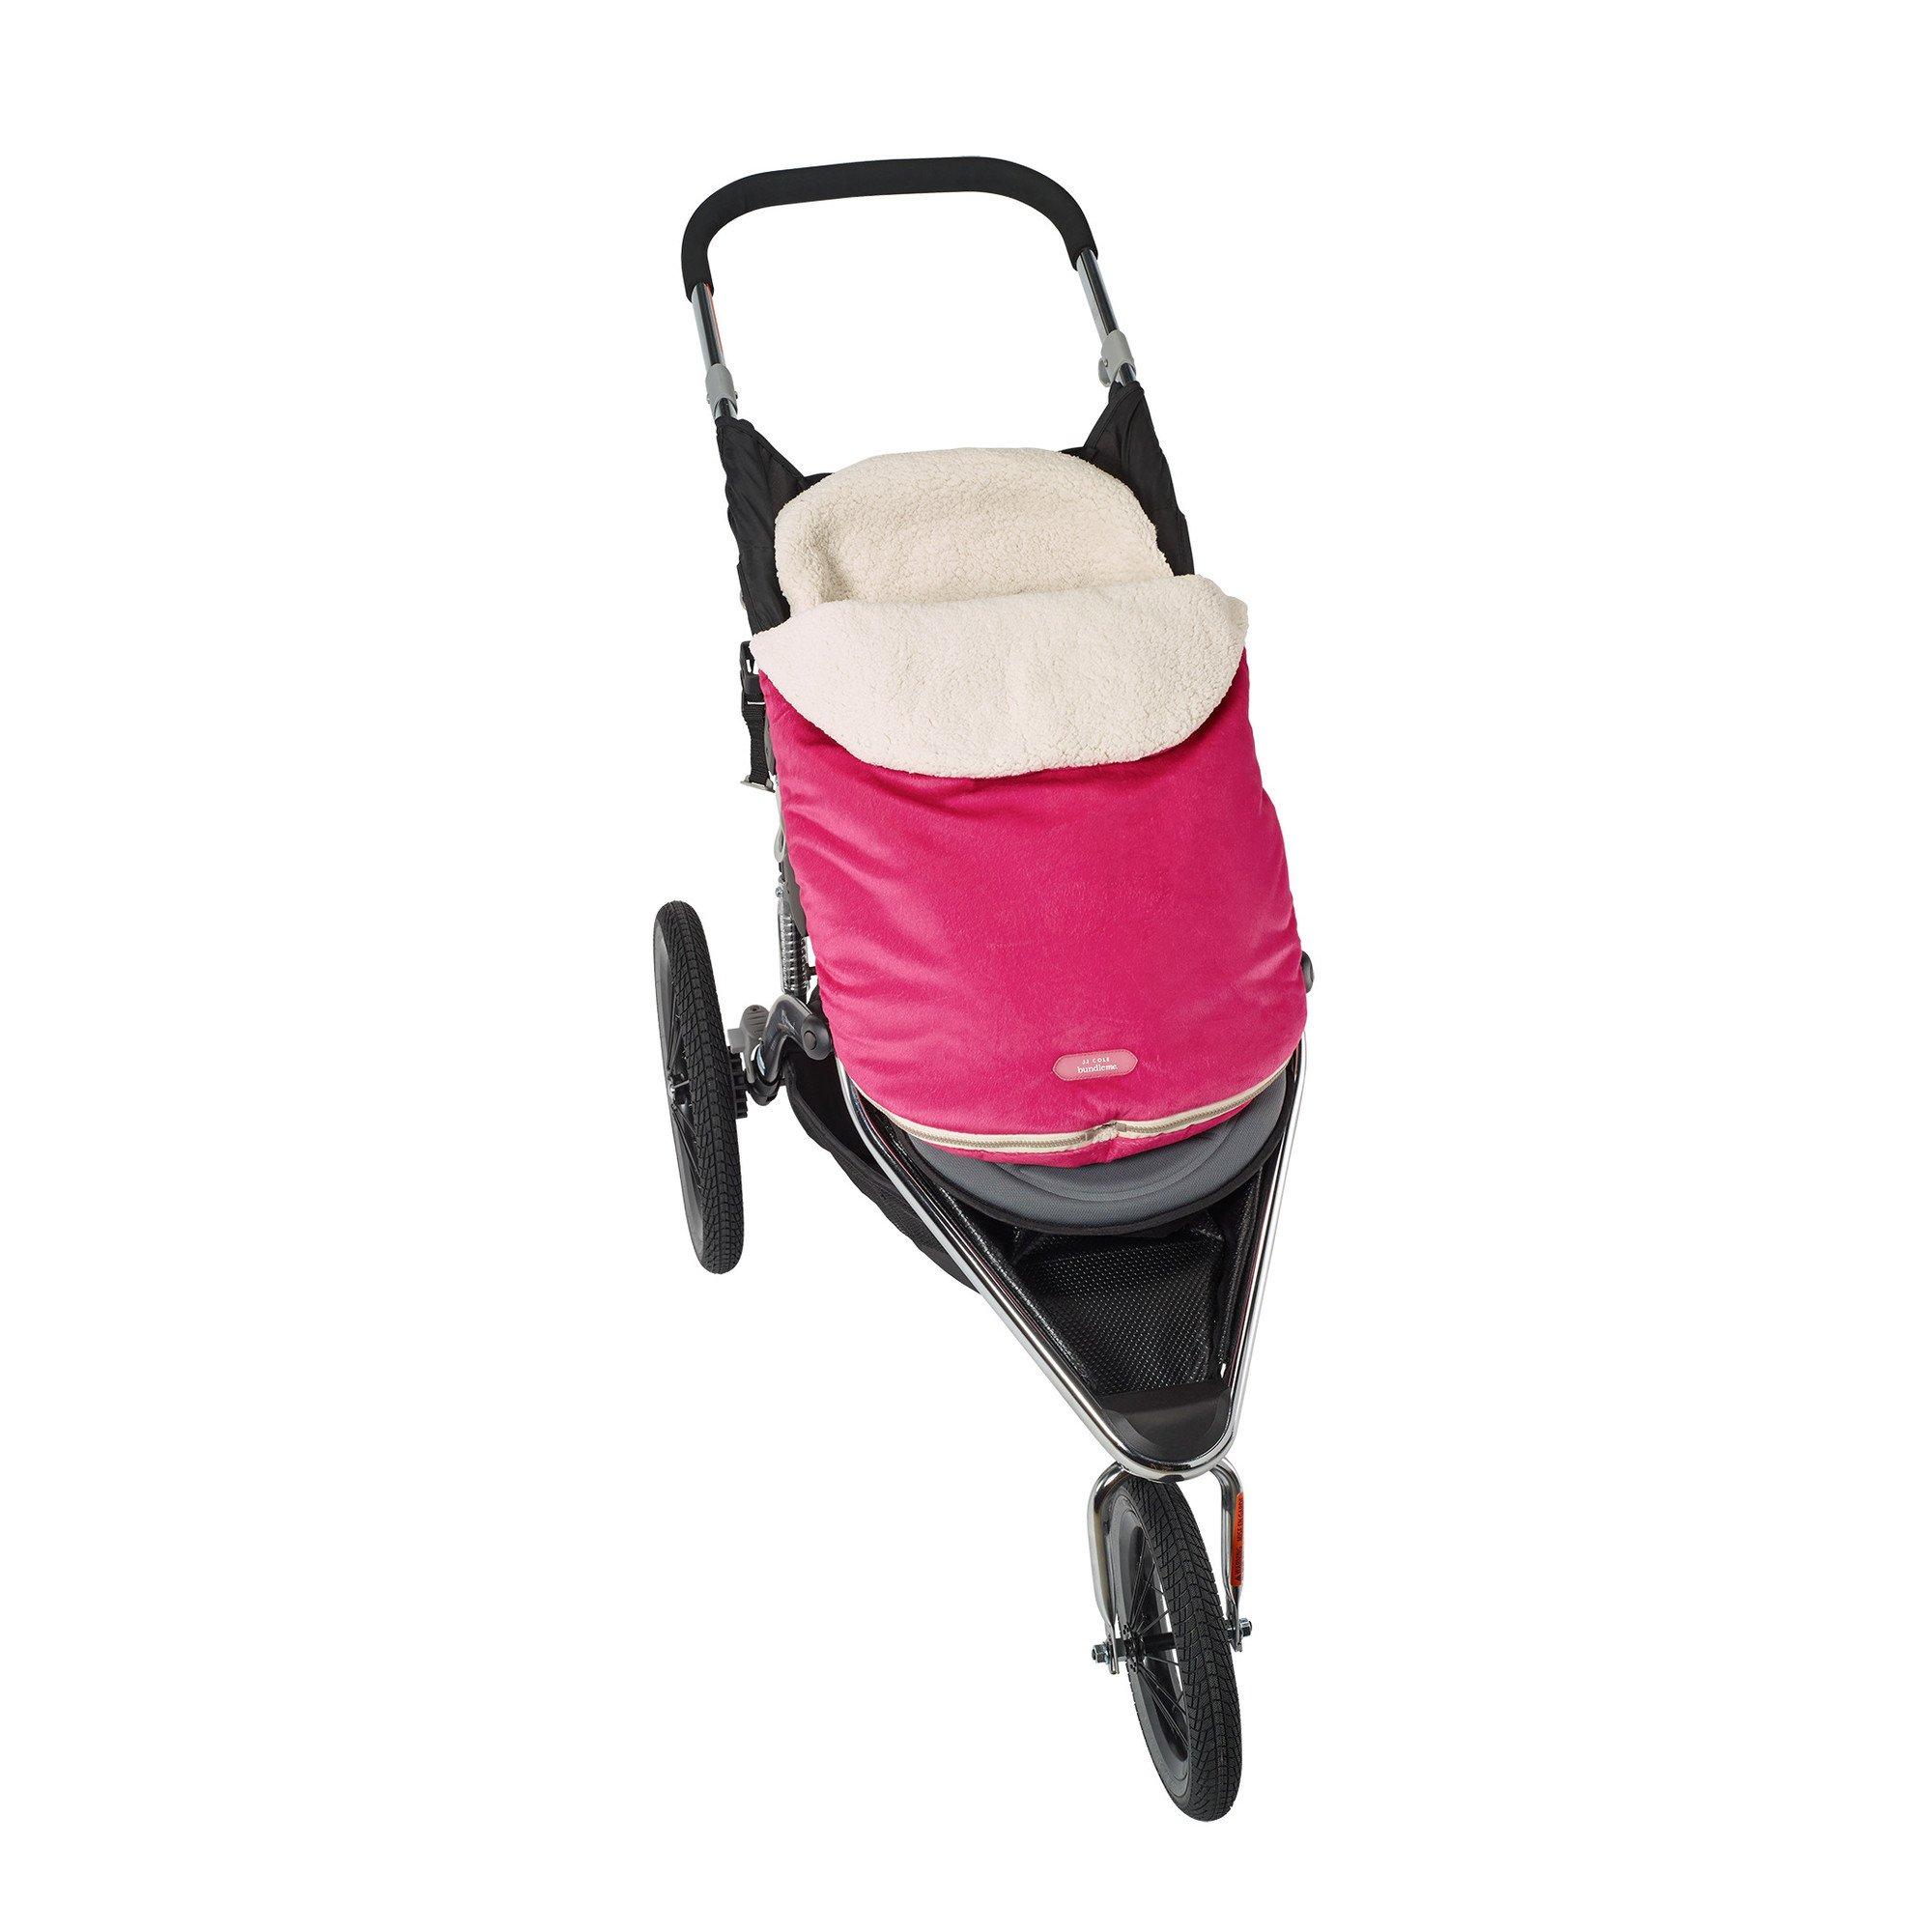 JJ Cole Original BundleMe Infant Sassy, Pink